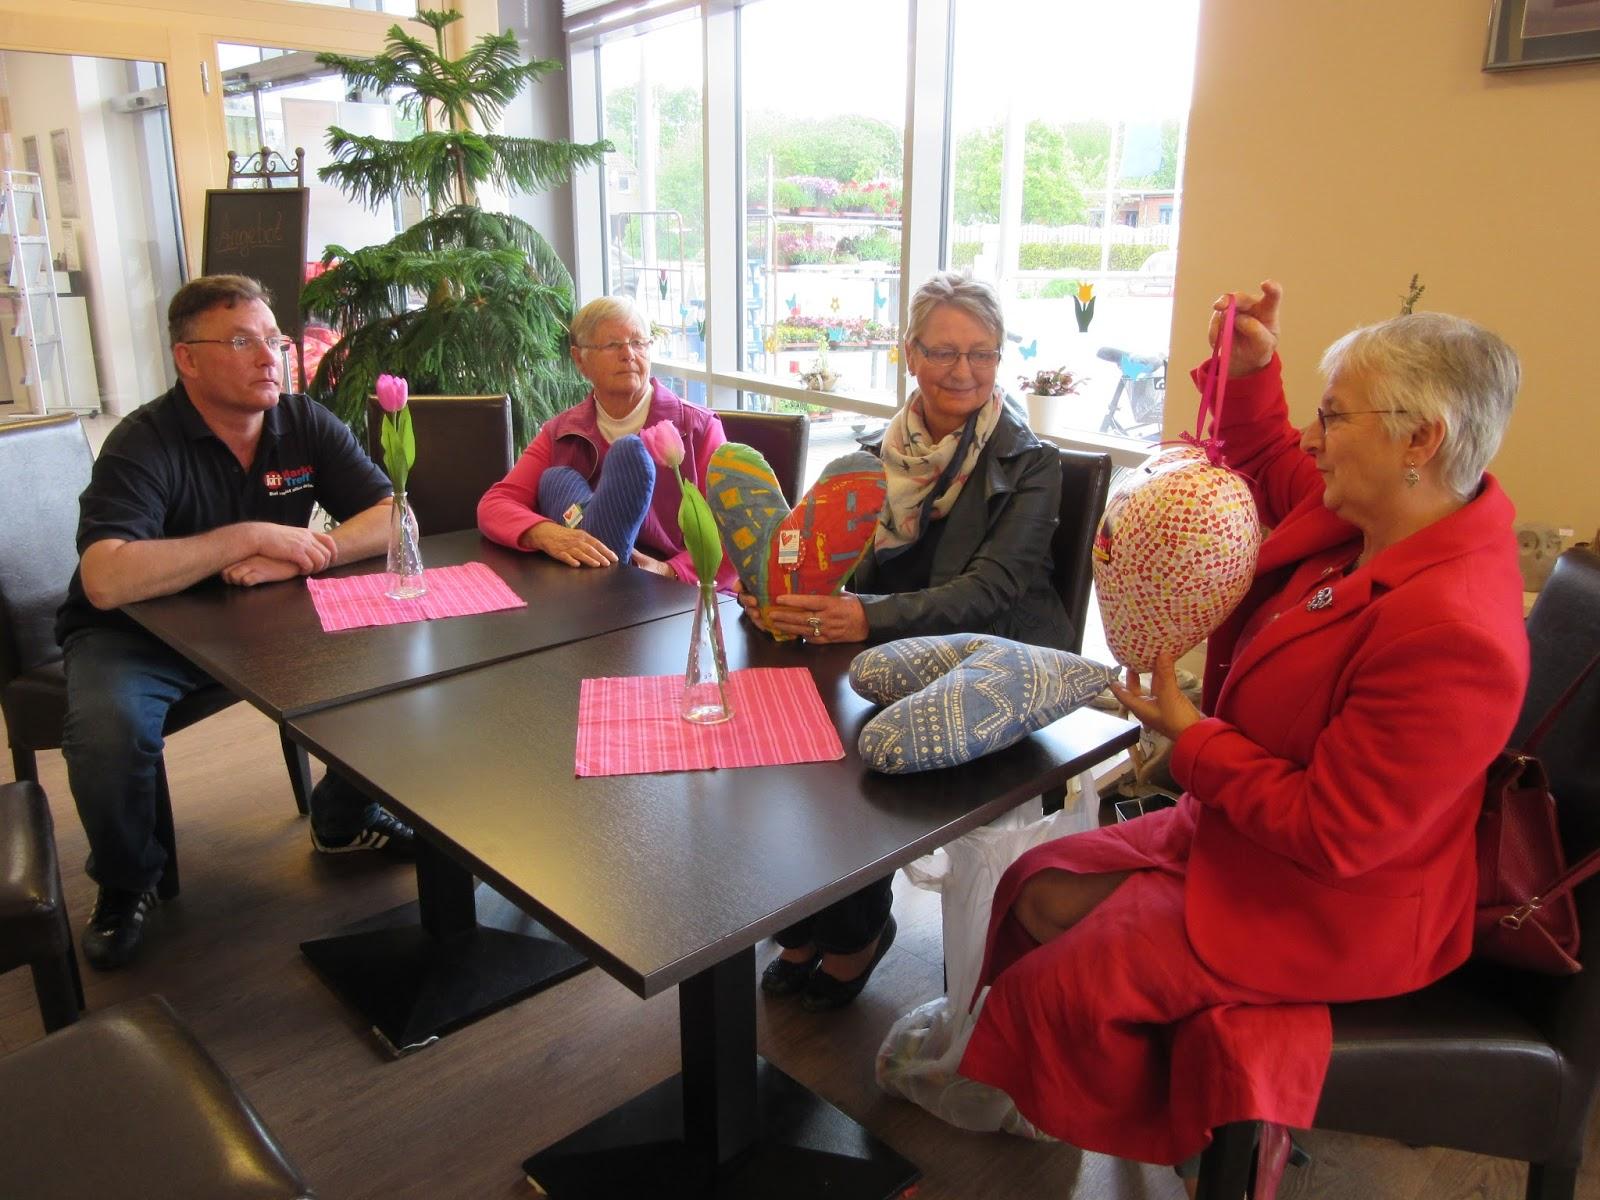 Frauen treffen in nordfriesland